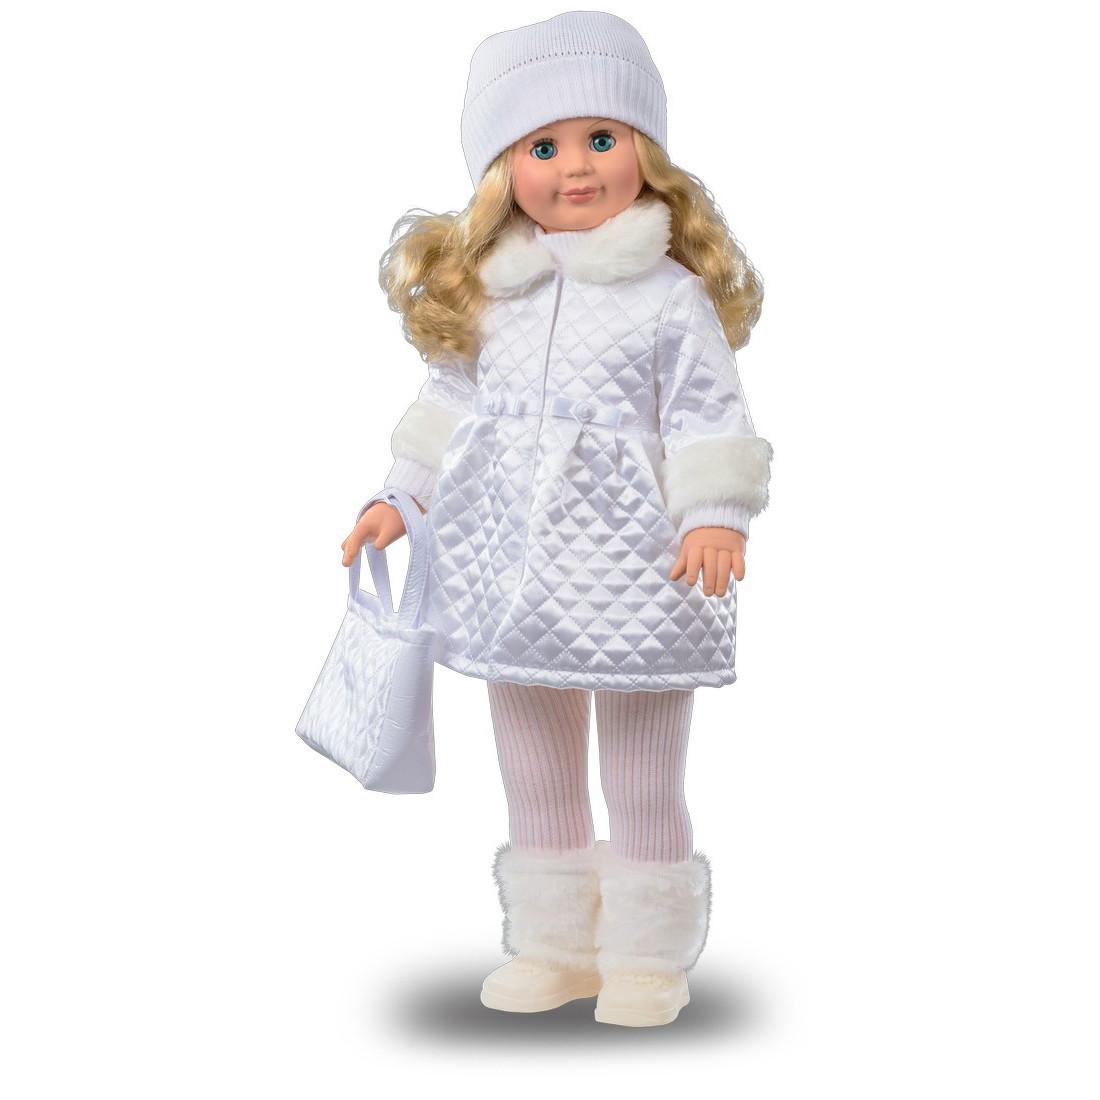 Озвученная кукла - Милана 18, 70 смРусские куклы фабрики Весна<br>Озвученная кукла - Милана 18, 70 см<br>